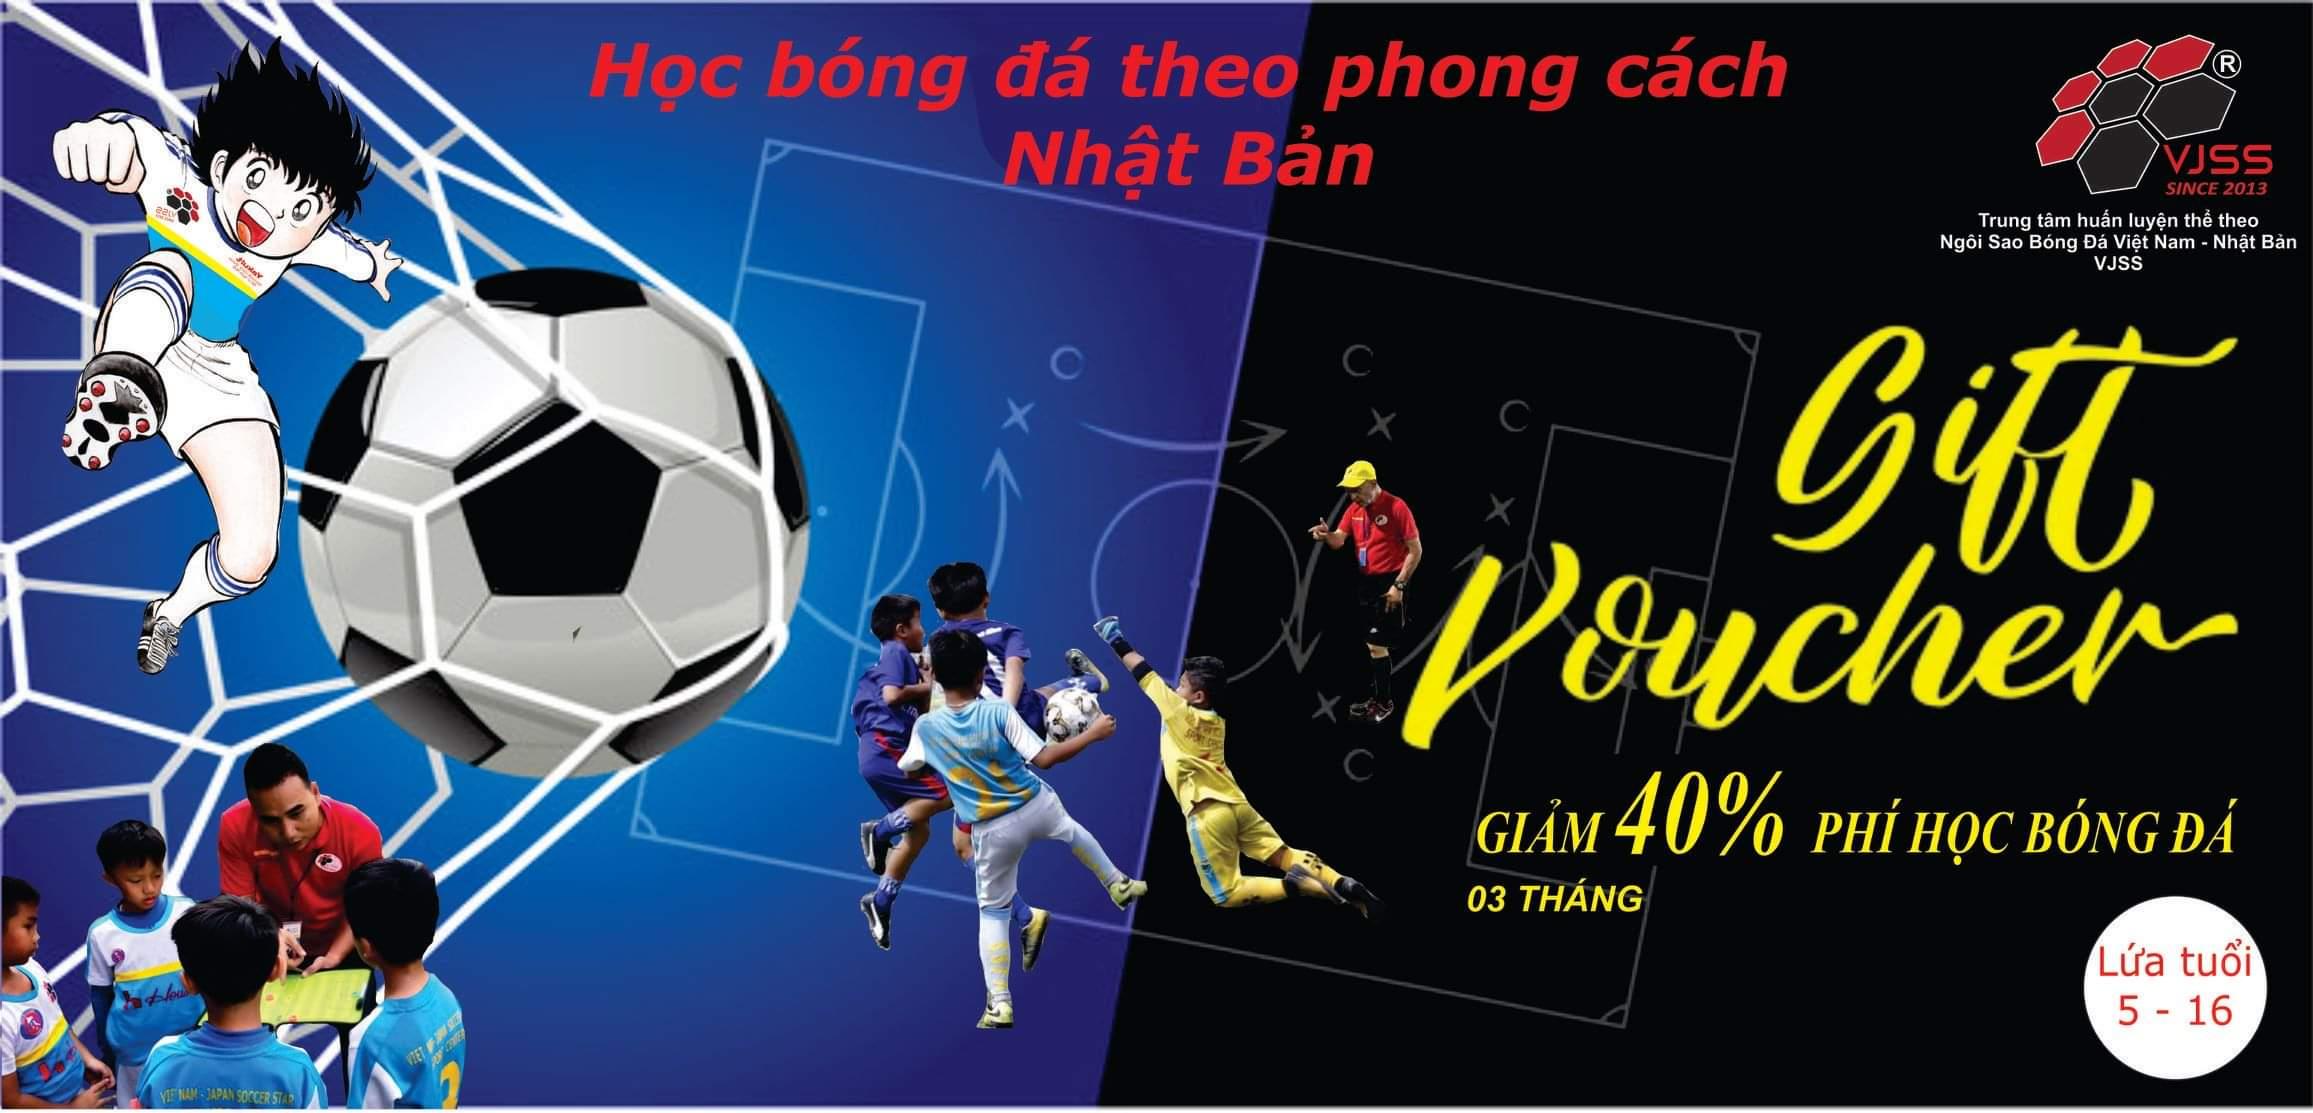 [Kings Deal] HCM - VJSS Trung tâm bóng đá thể thao Việt Nam - E-Voucher giảm 40% học phí khóa học 3 tháng